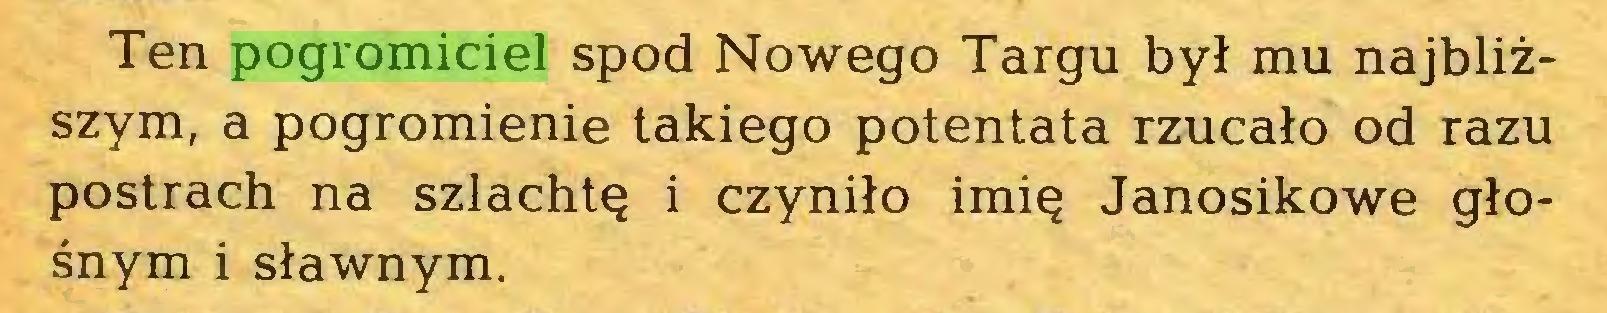 (...) Ten pogromiciel spod Nowego Targu był mu najbliższym, a pogromienie takiego potentata rzucało od razu postrach na szlachtę i czyniło imię Janosikowe głośnym i sławnym...